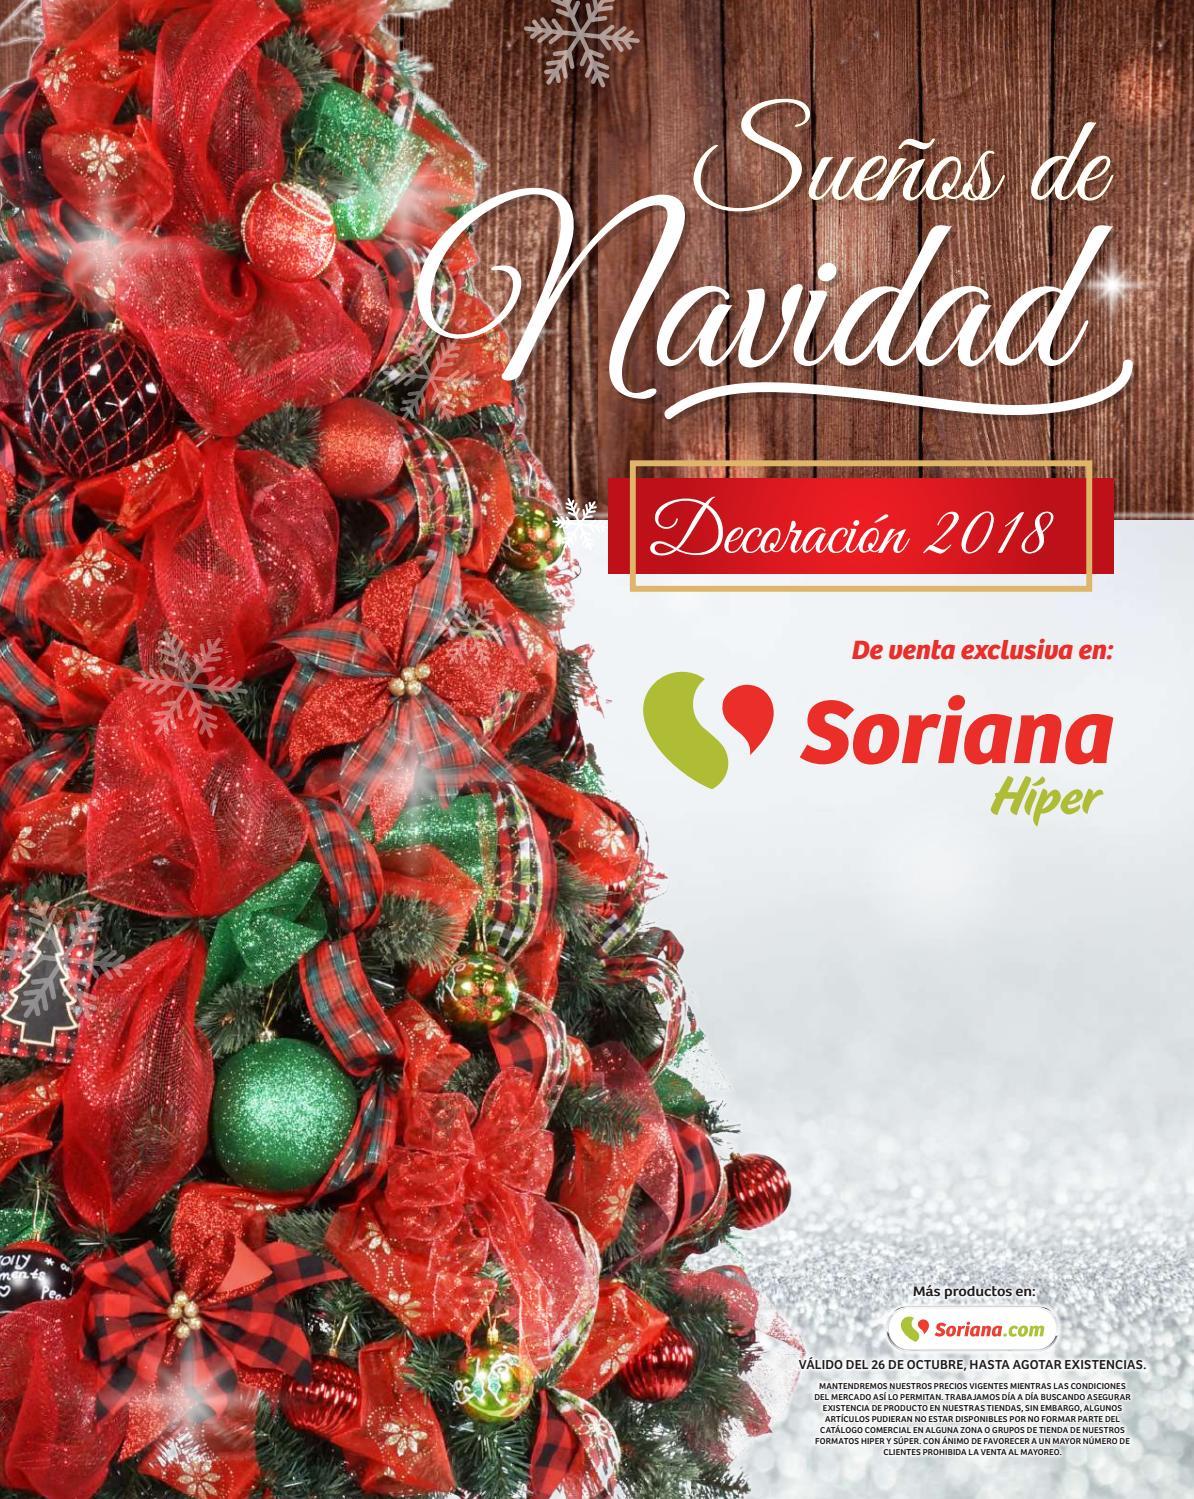 f3b77c9167cd5 Sueños de Navidad decoración 2018 Soriana Hiper by SorianaCom - issuu